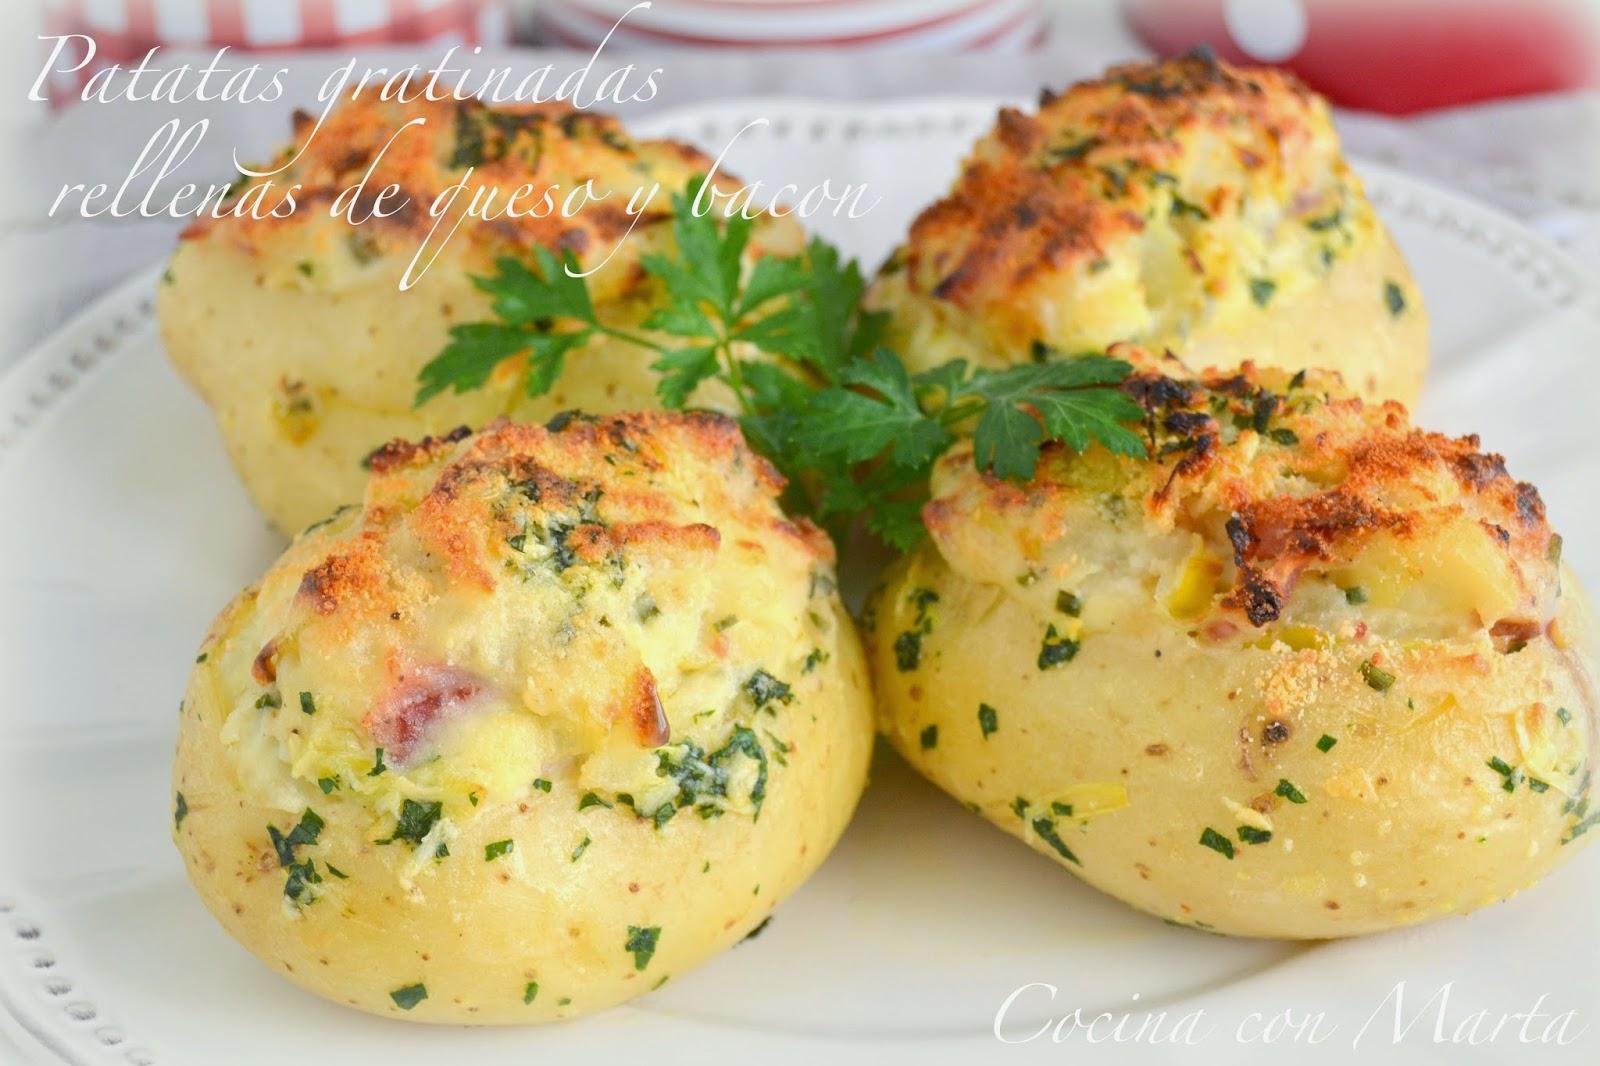 Patatas gratinadas rellenas de queso y bacon - Cena facil y rapida para dos ...